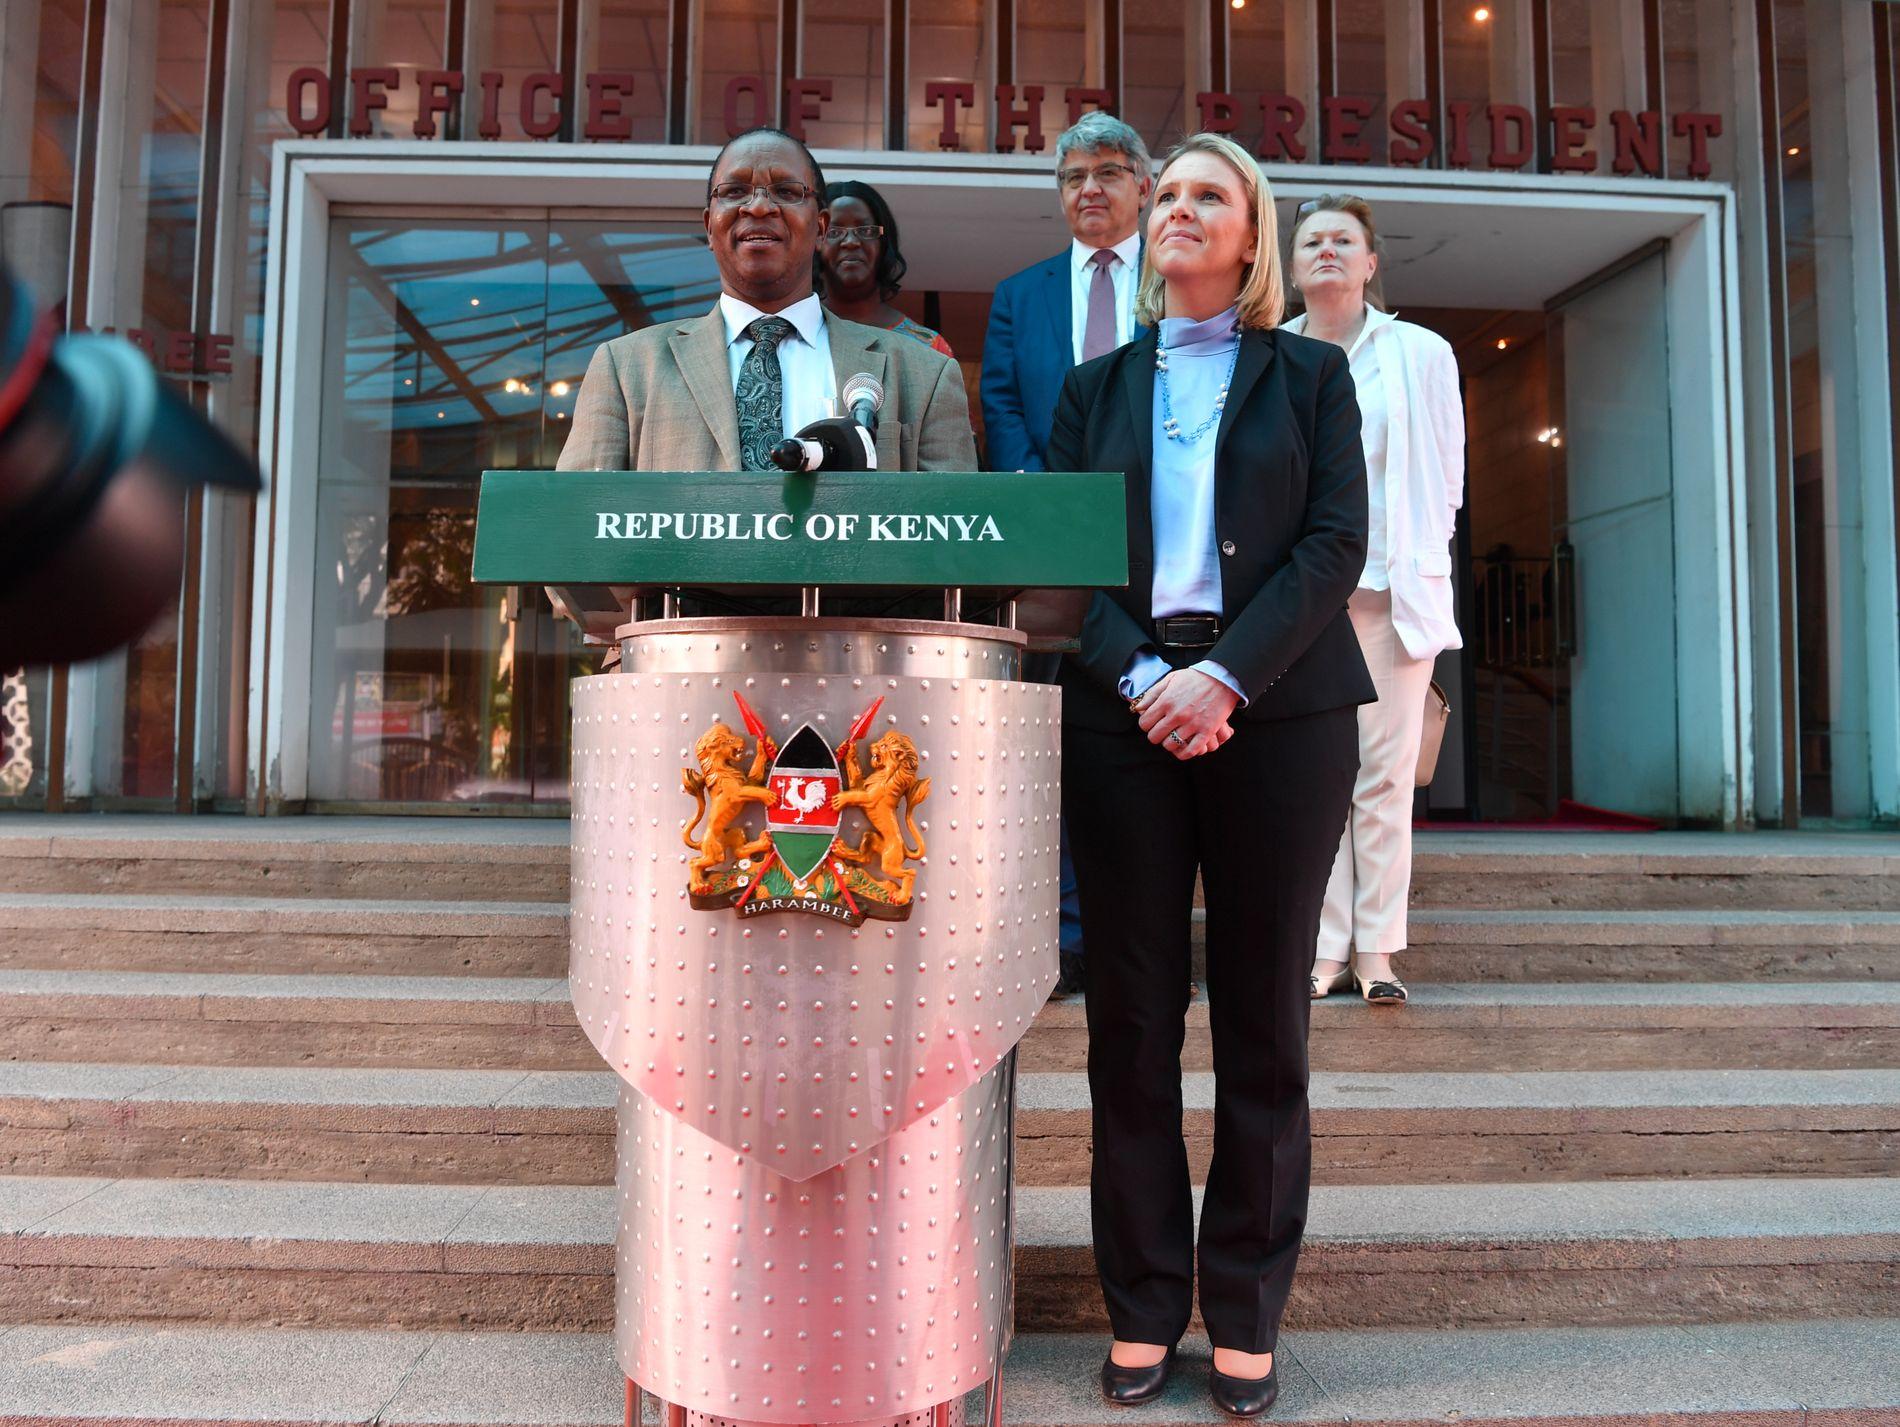 BESØK I KENYA: Innvandrings- og integreringsminister Sylvi Listhaug med den kenyanske statssekretæren Karanja Kibicho.